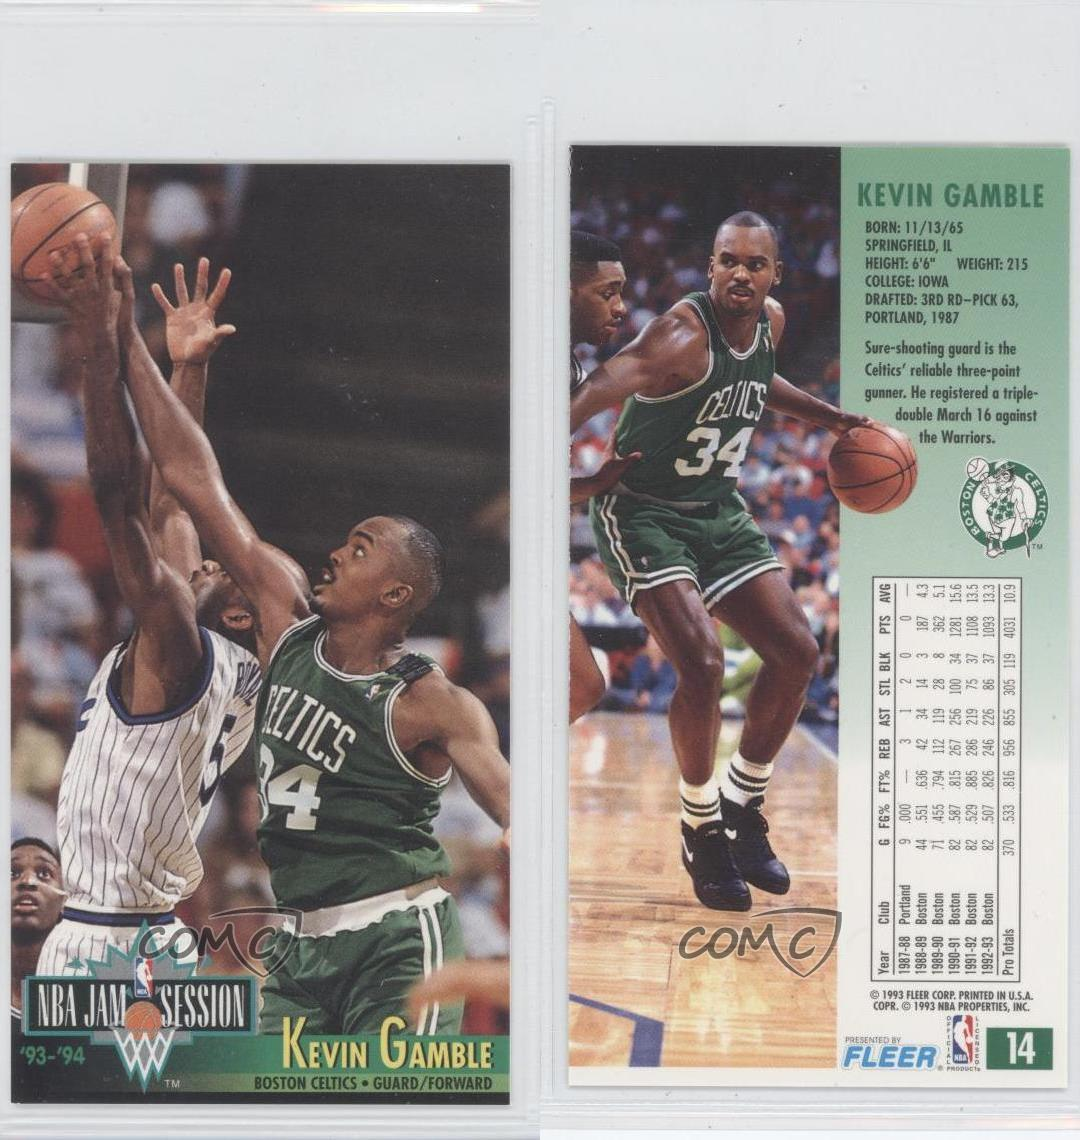 1993-94 NBA Jam Session #14 Kevin Gamble Boston Celtics